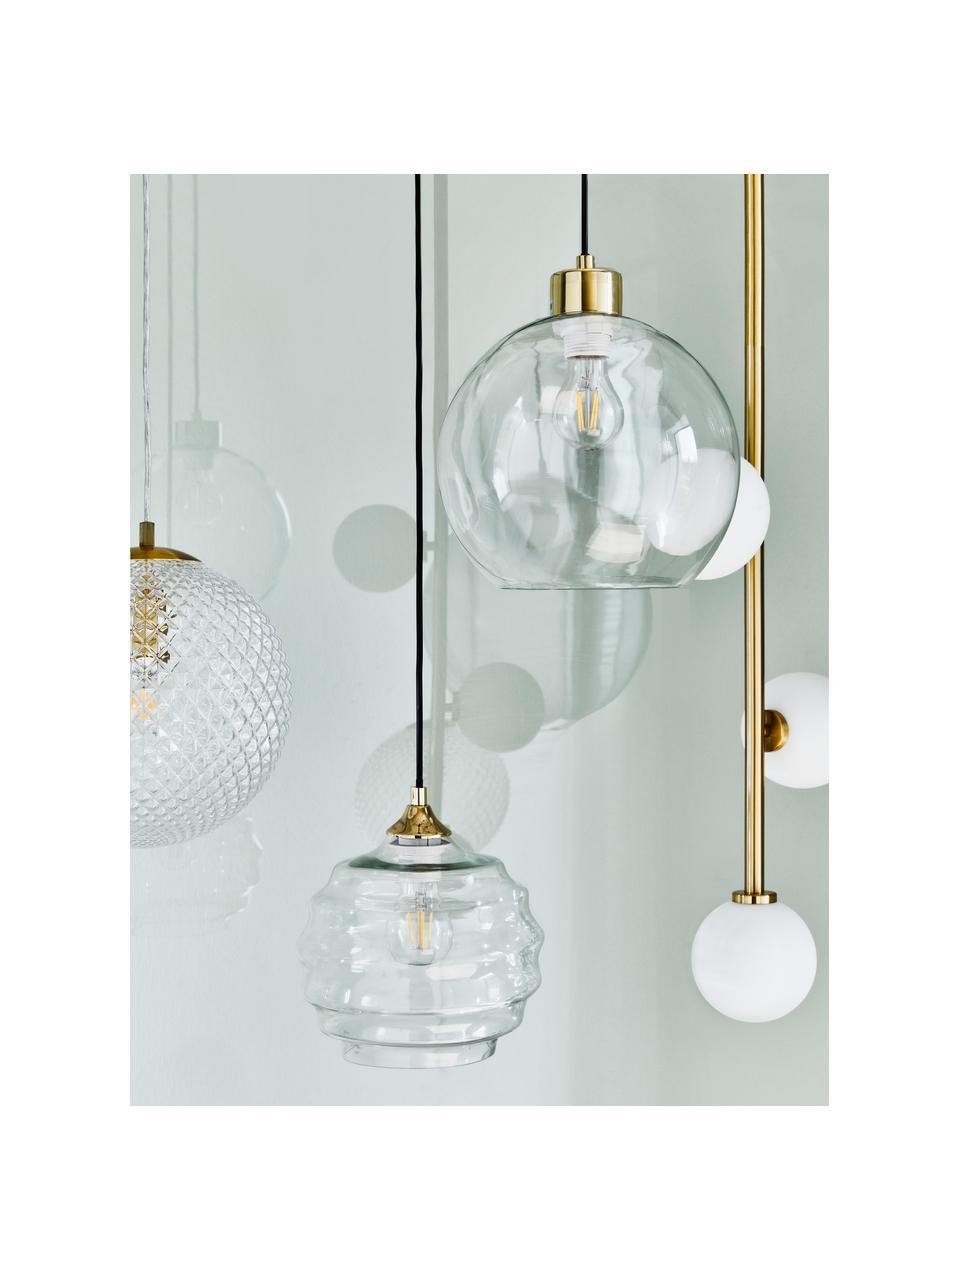 Lampada a sospensione in vetro Irina, Paralume: vetro, Baldacchino: metallo zincato, Oro, Ø 24 x Alt. 22 cm